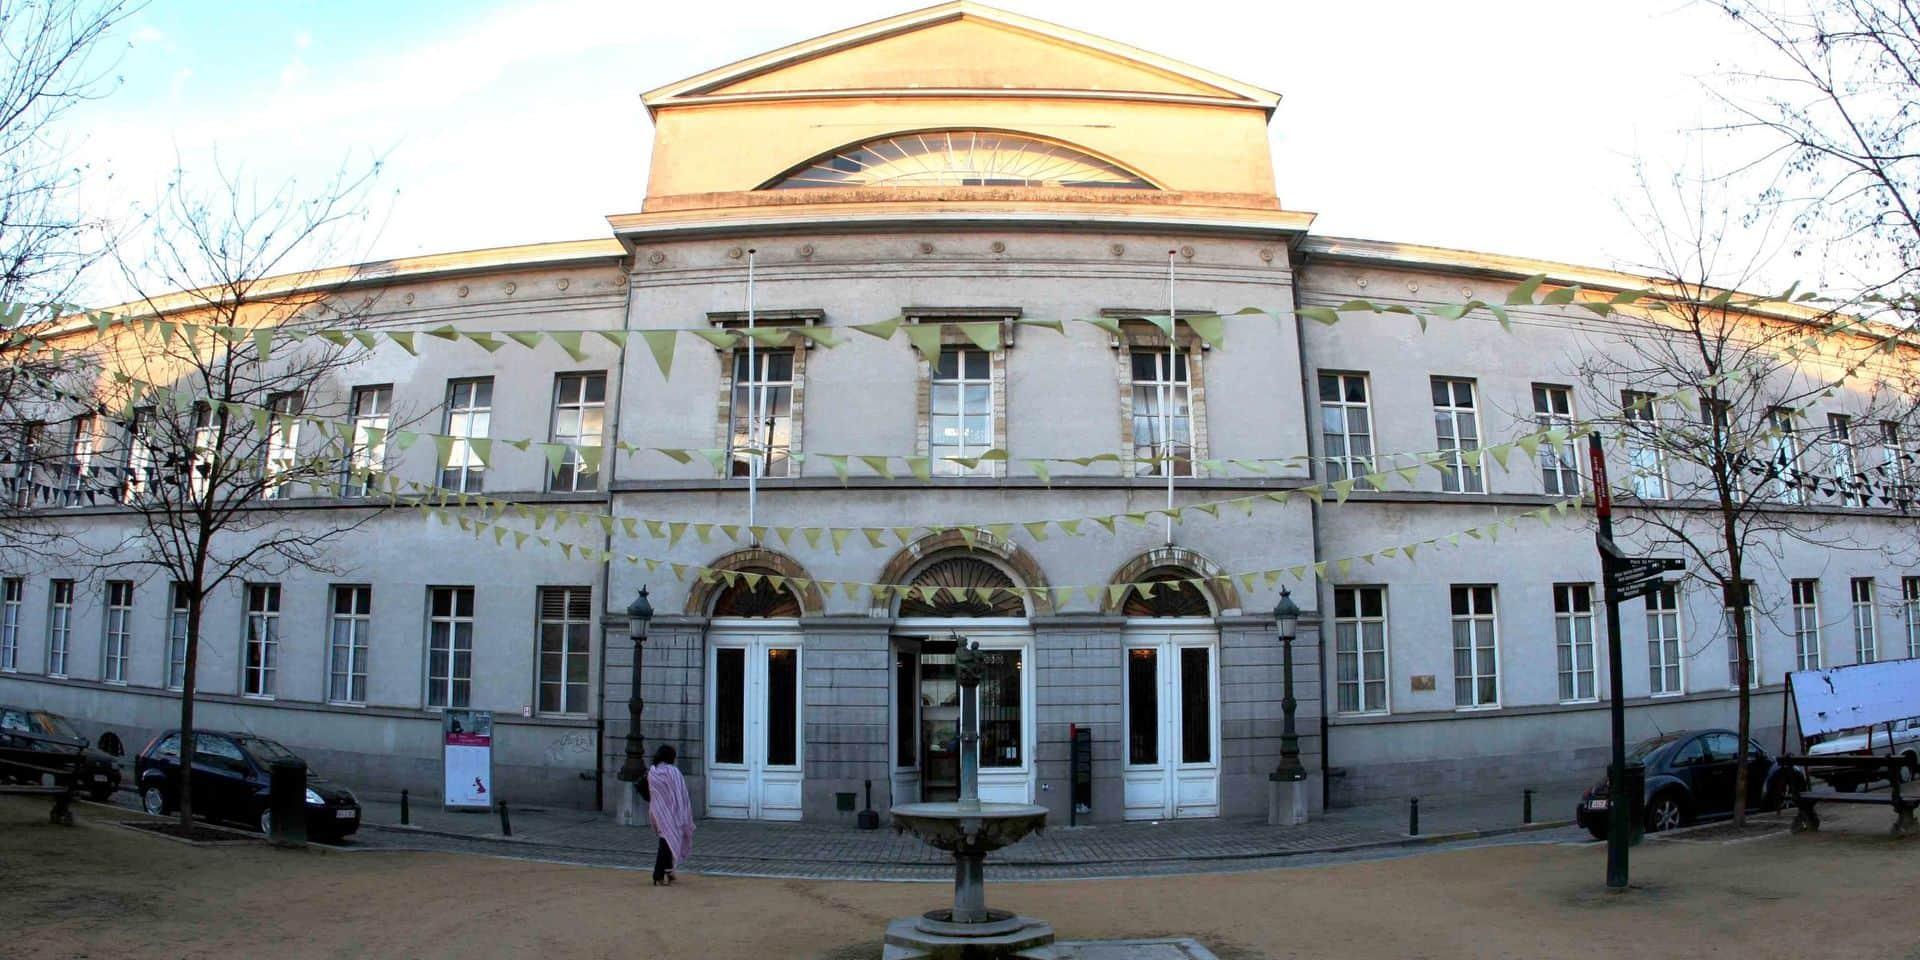 Il y a urgence à mettre la solidarité au cœur de la gestion du patrimoine public vacant